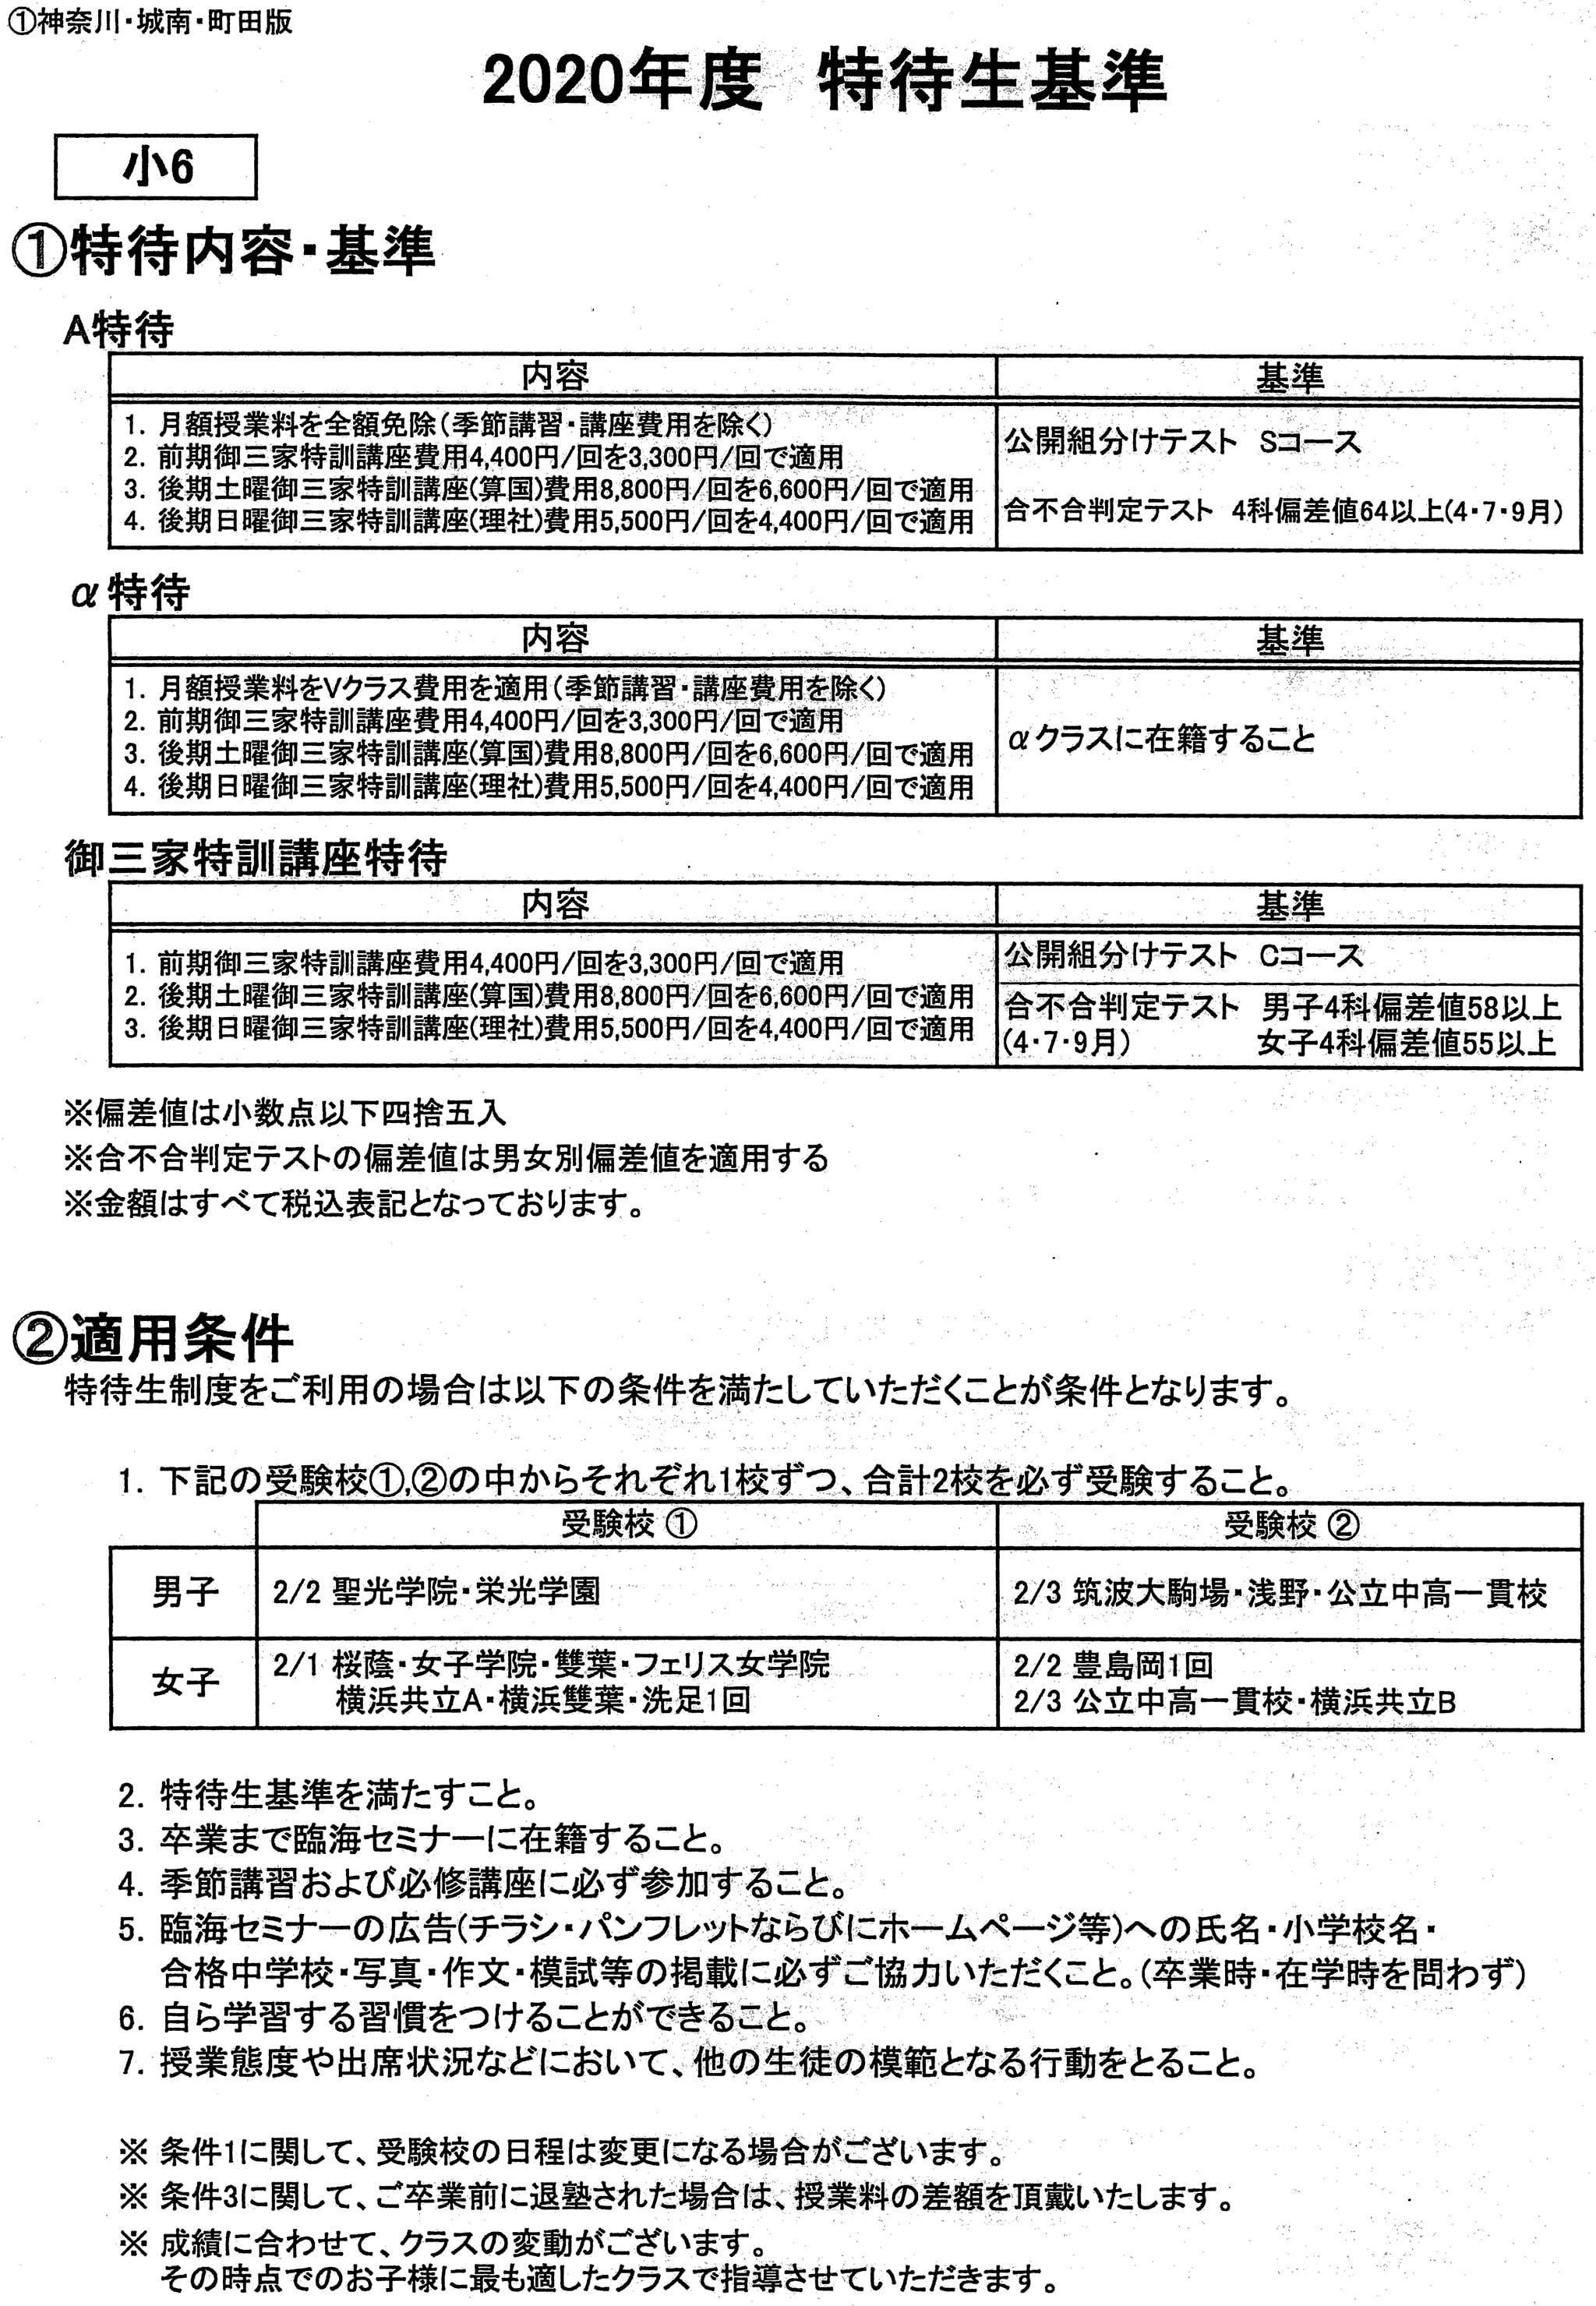 値 河合塾 2020 偏差